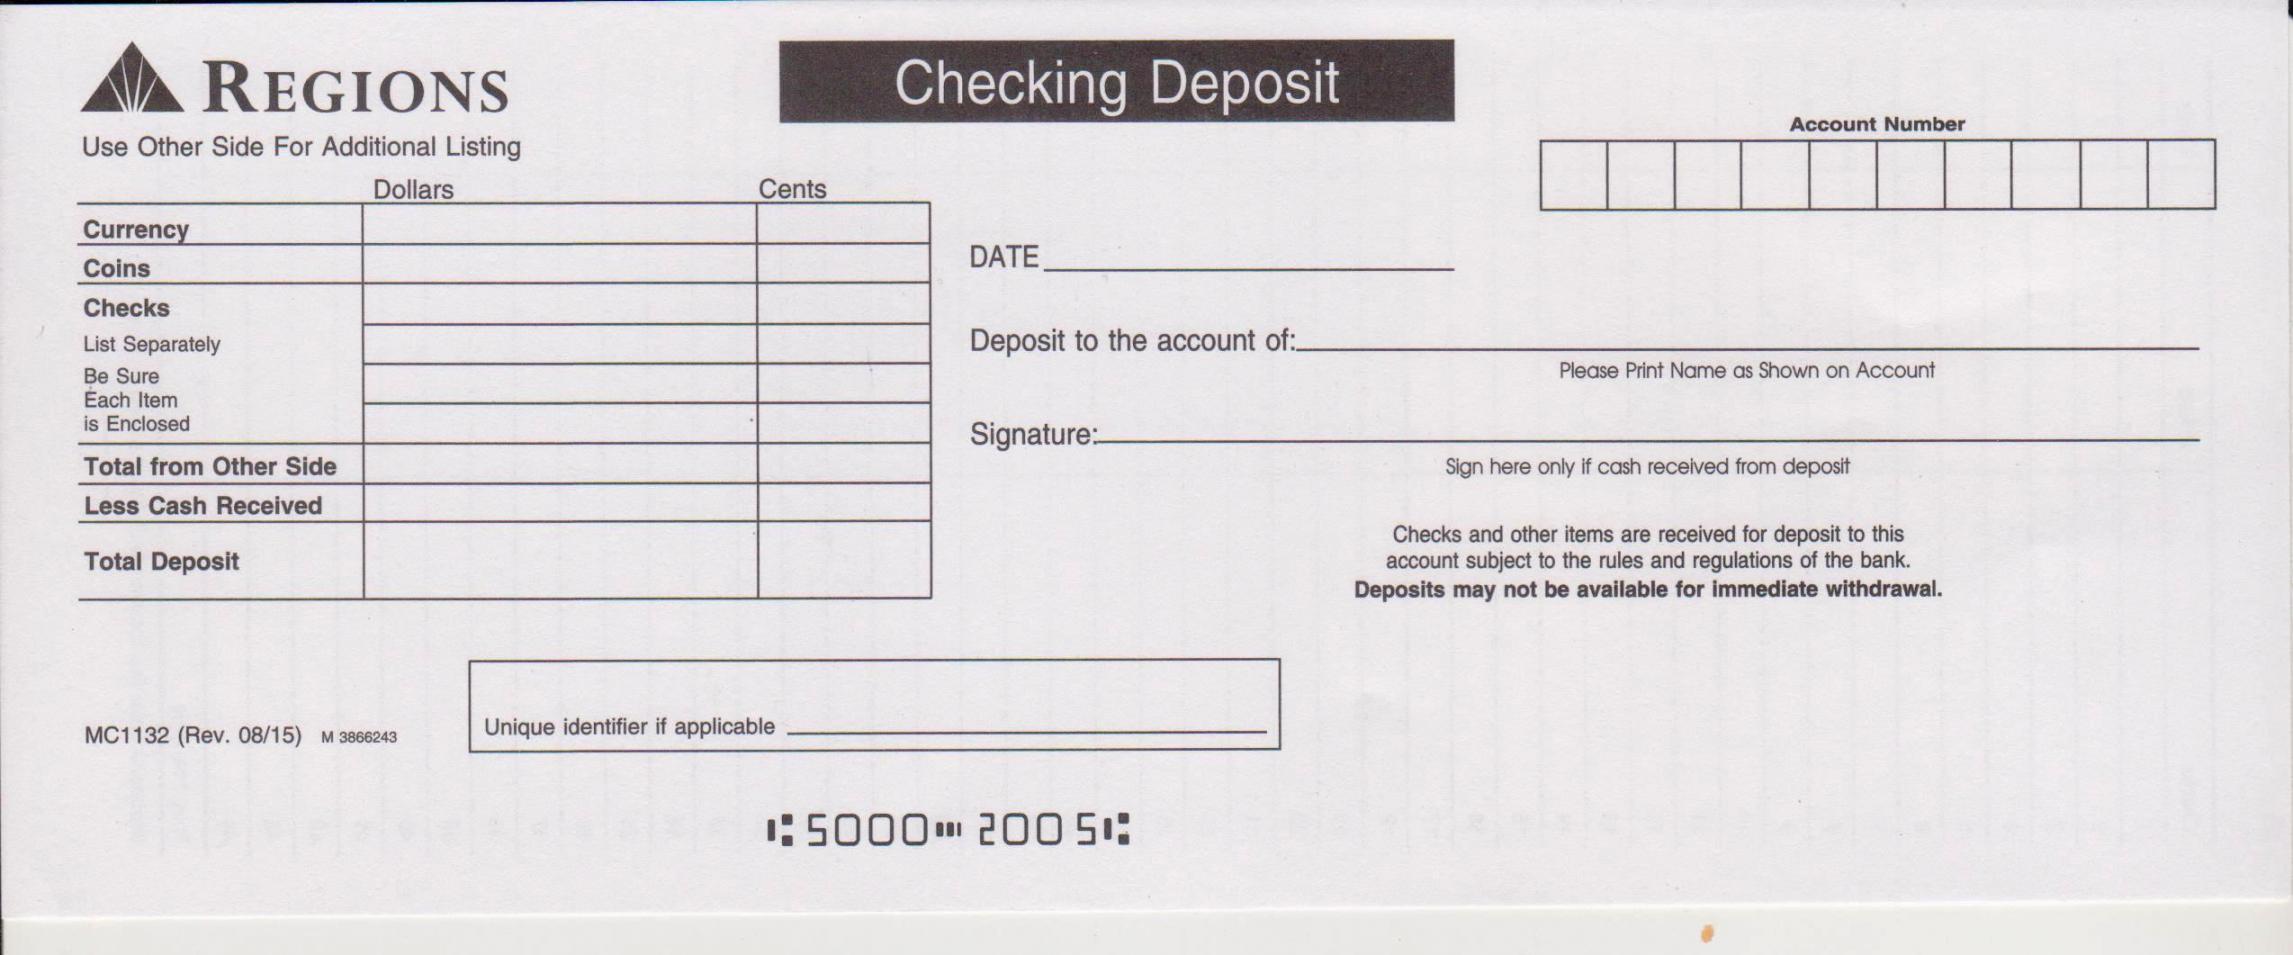 printable regions bank deposit slip  free printable template regions bank deposit slip template doc